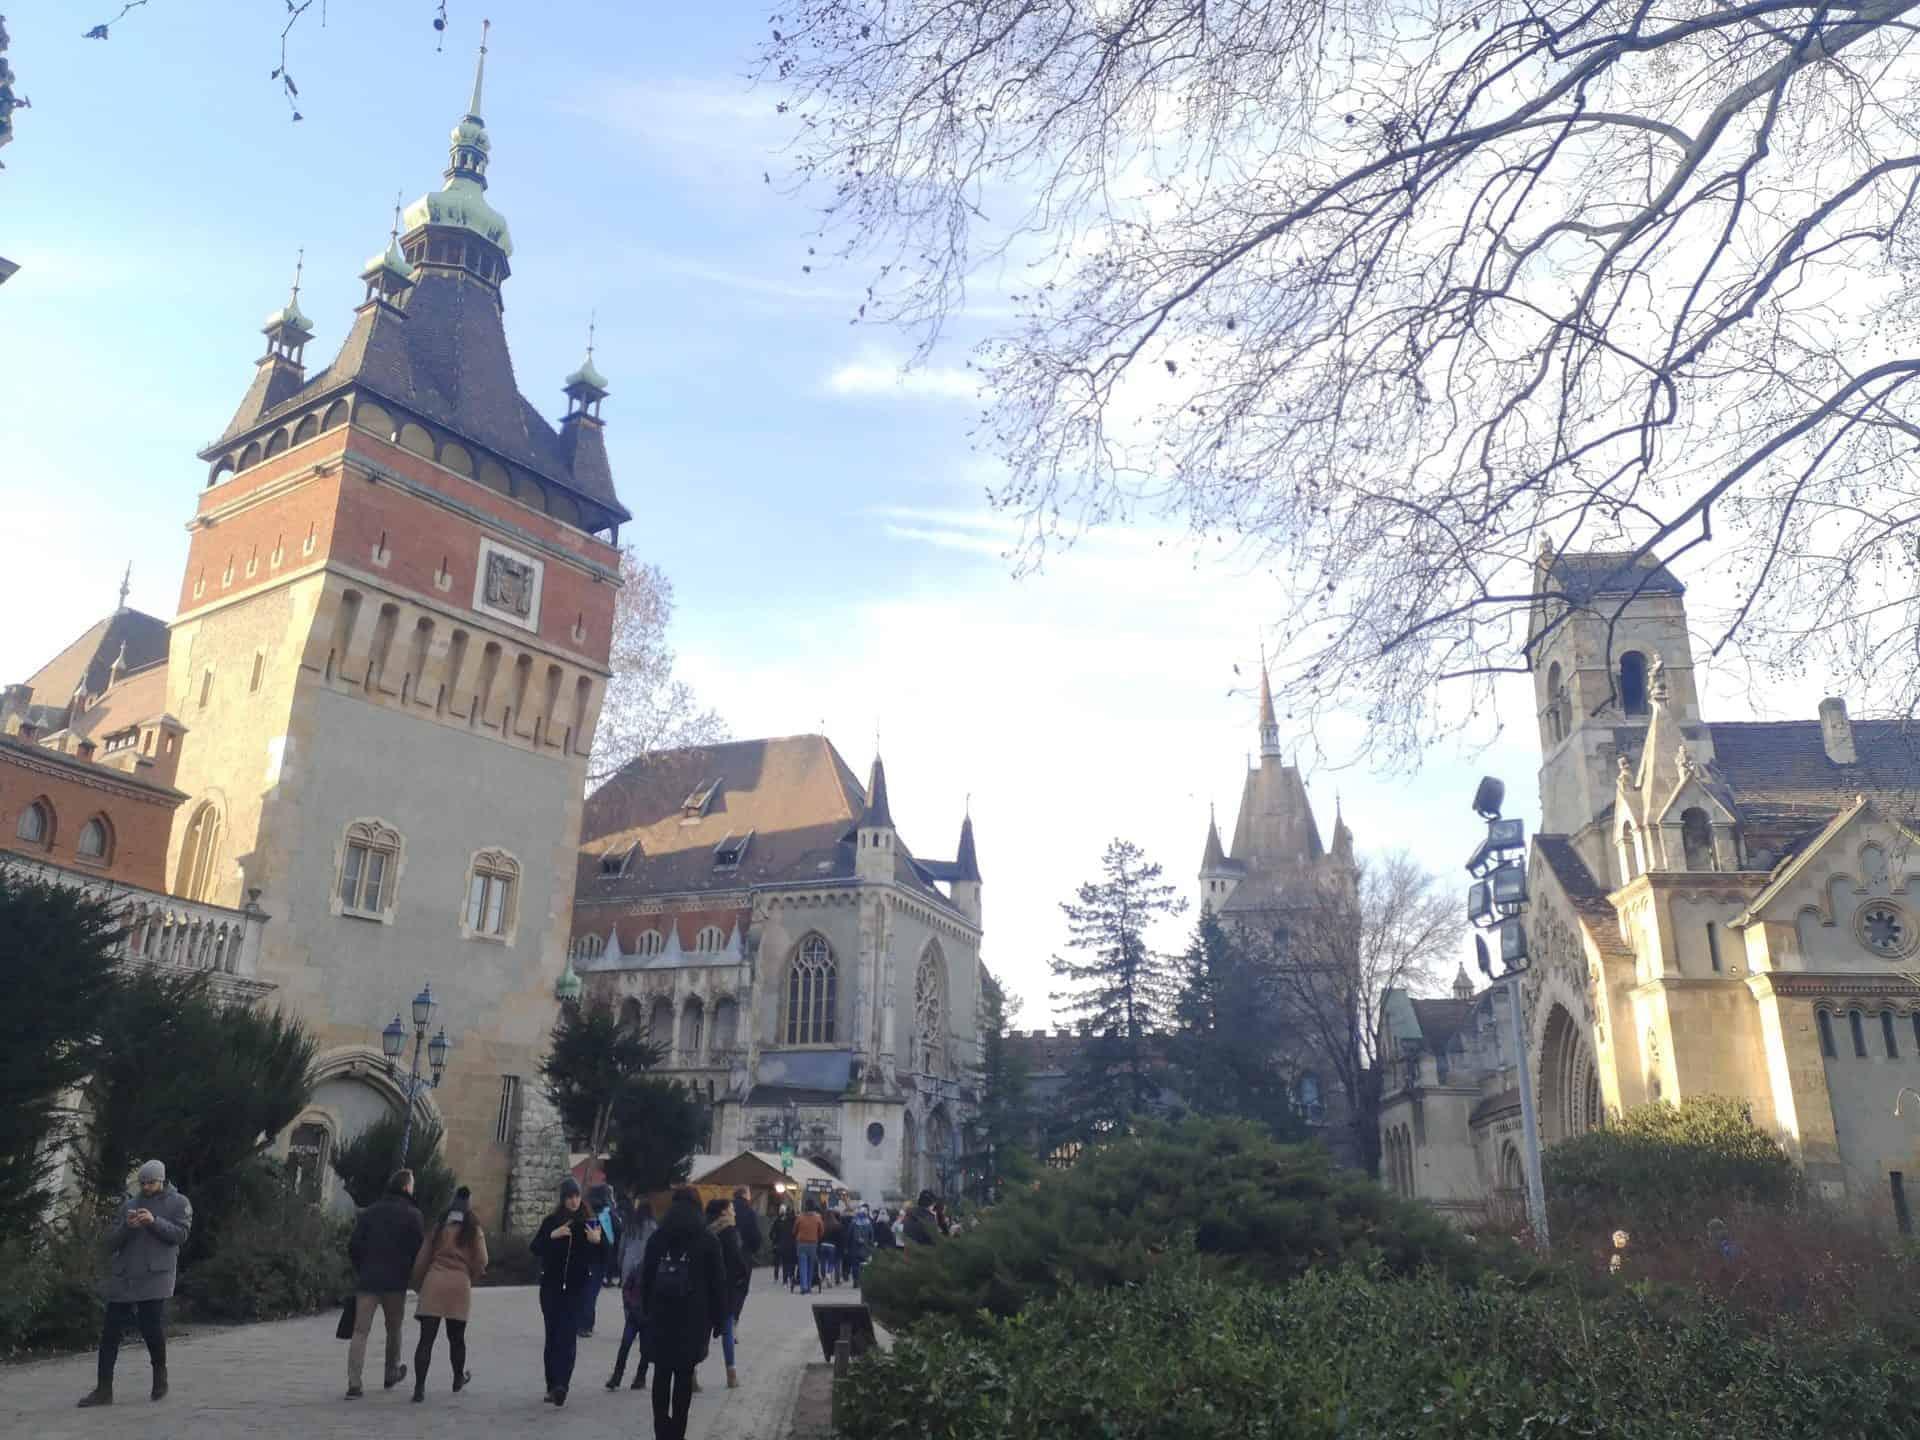 historicalbudapest_Millennial Budapest 10 - Vajdahunyad Castle_A